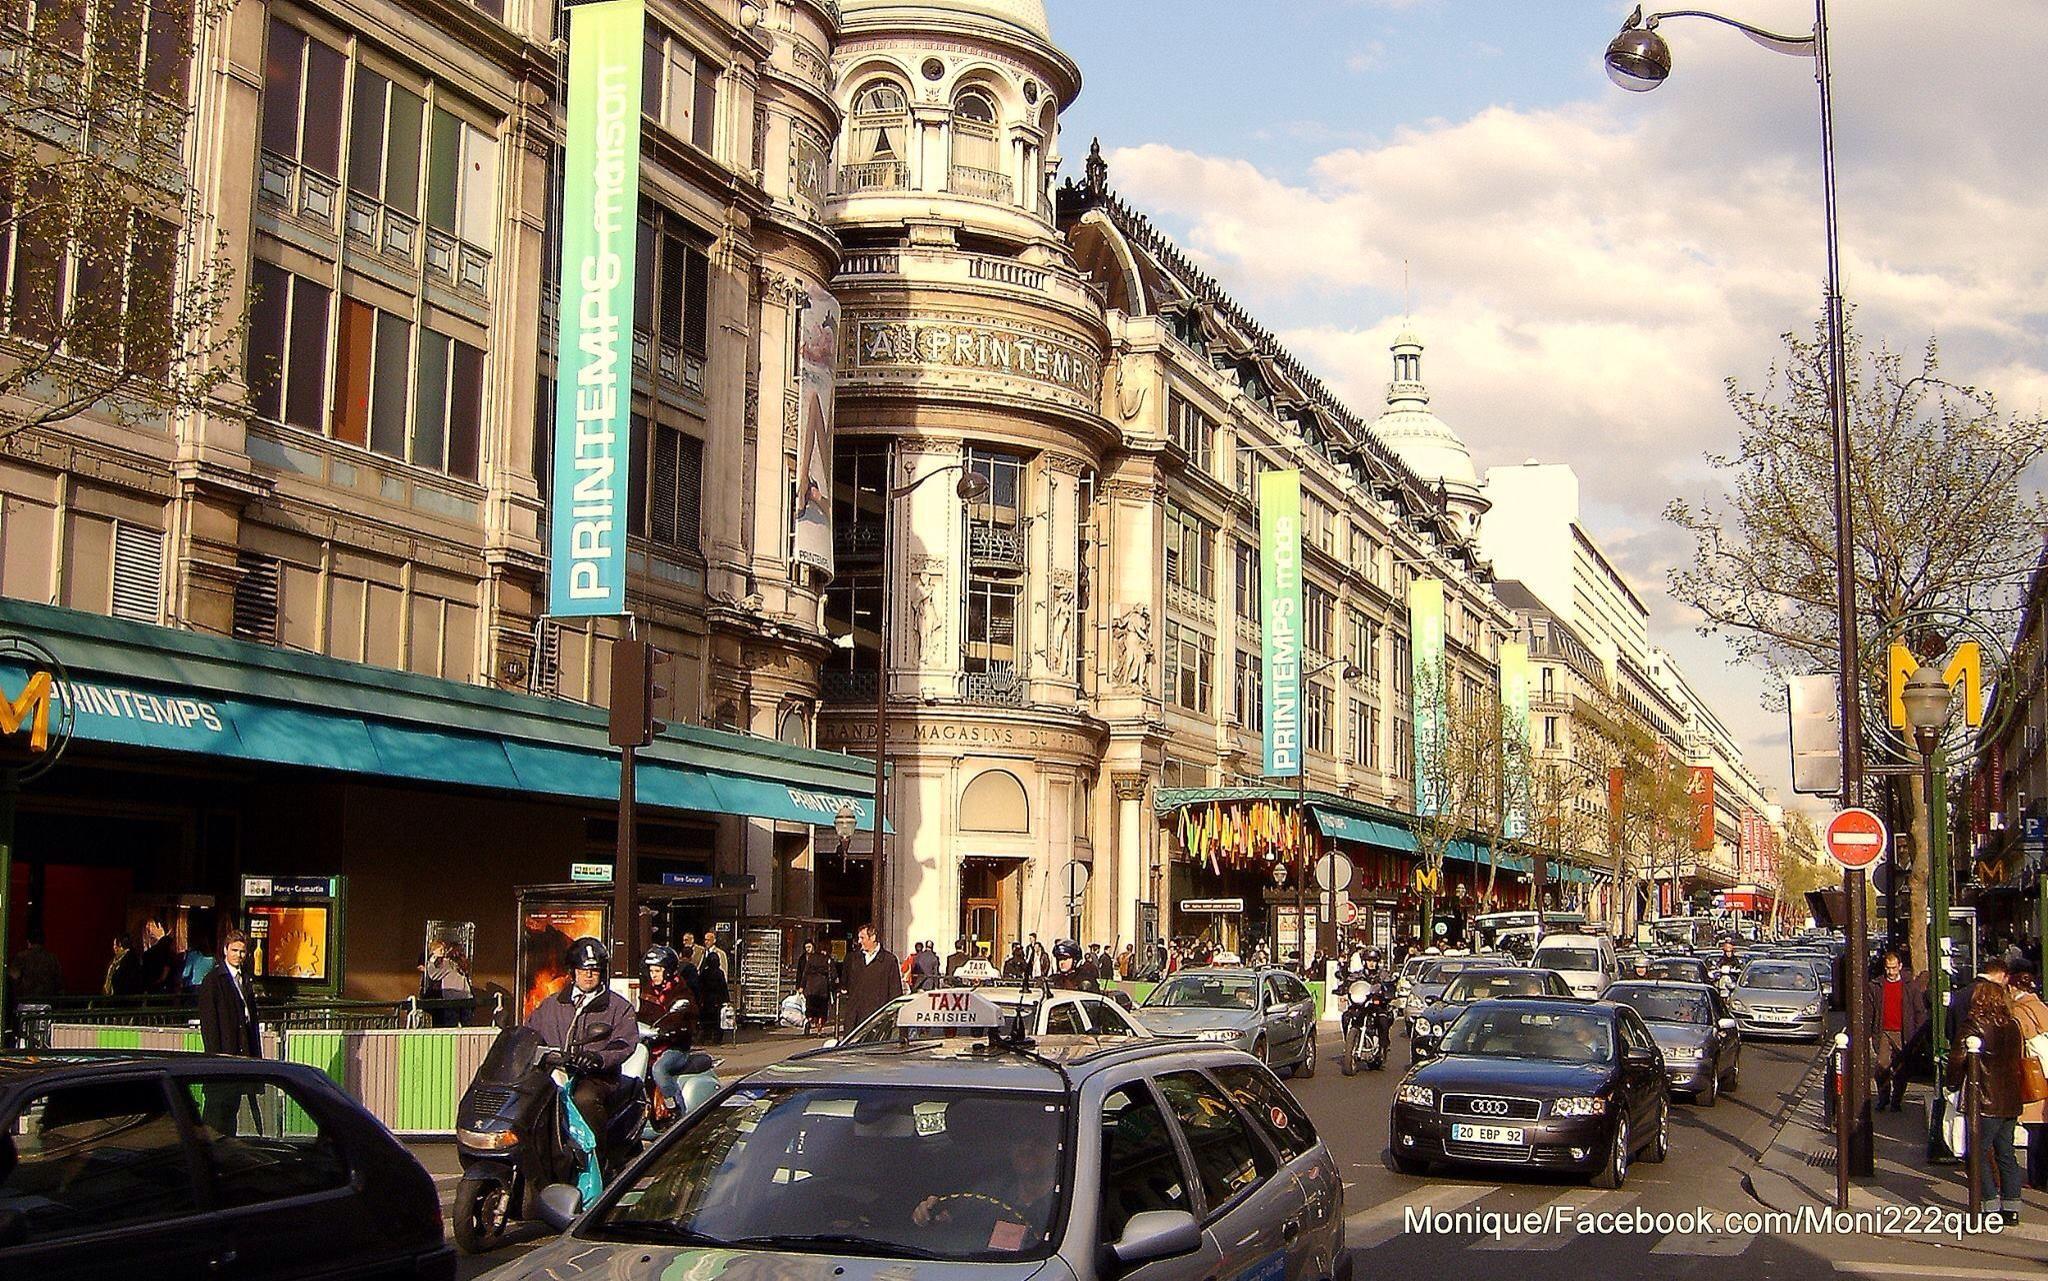 Printemps Department Store in Paris by monique222